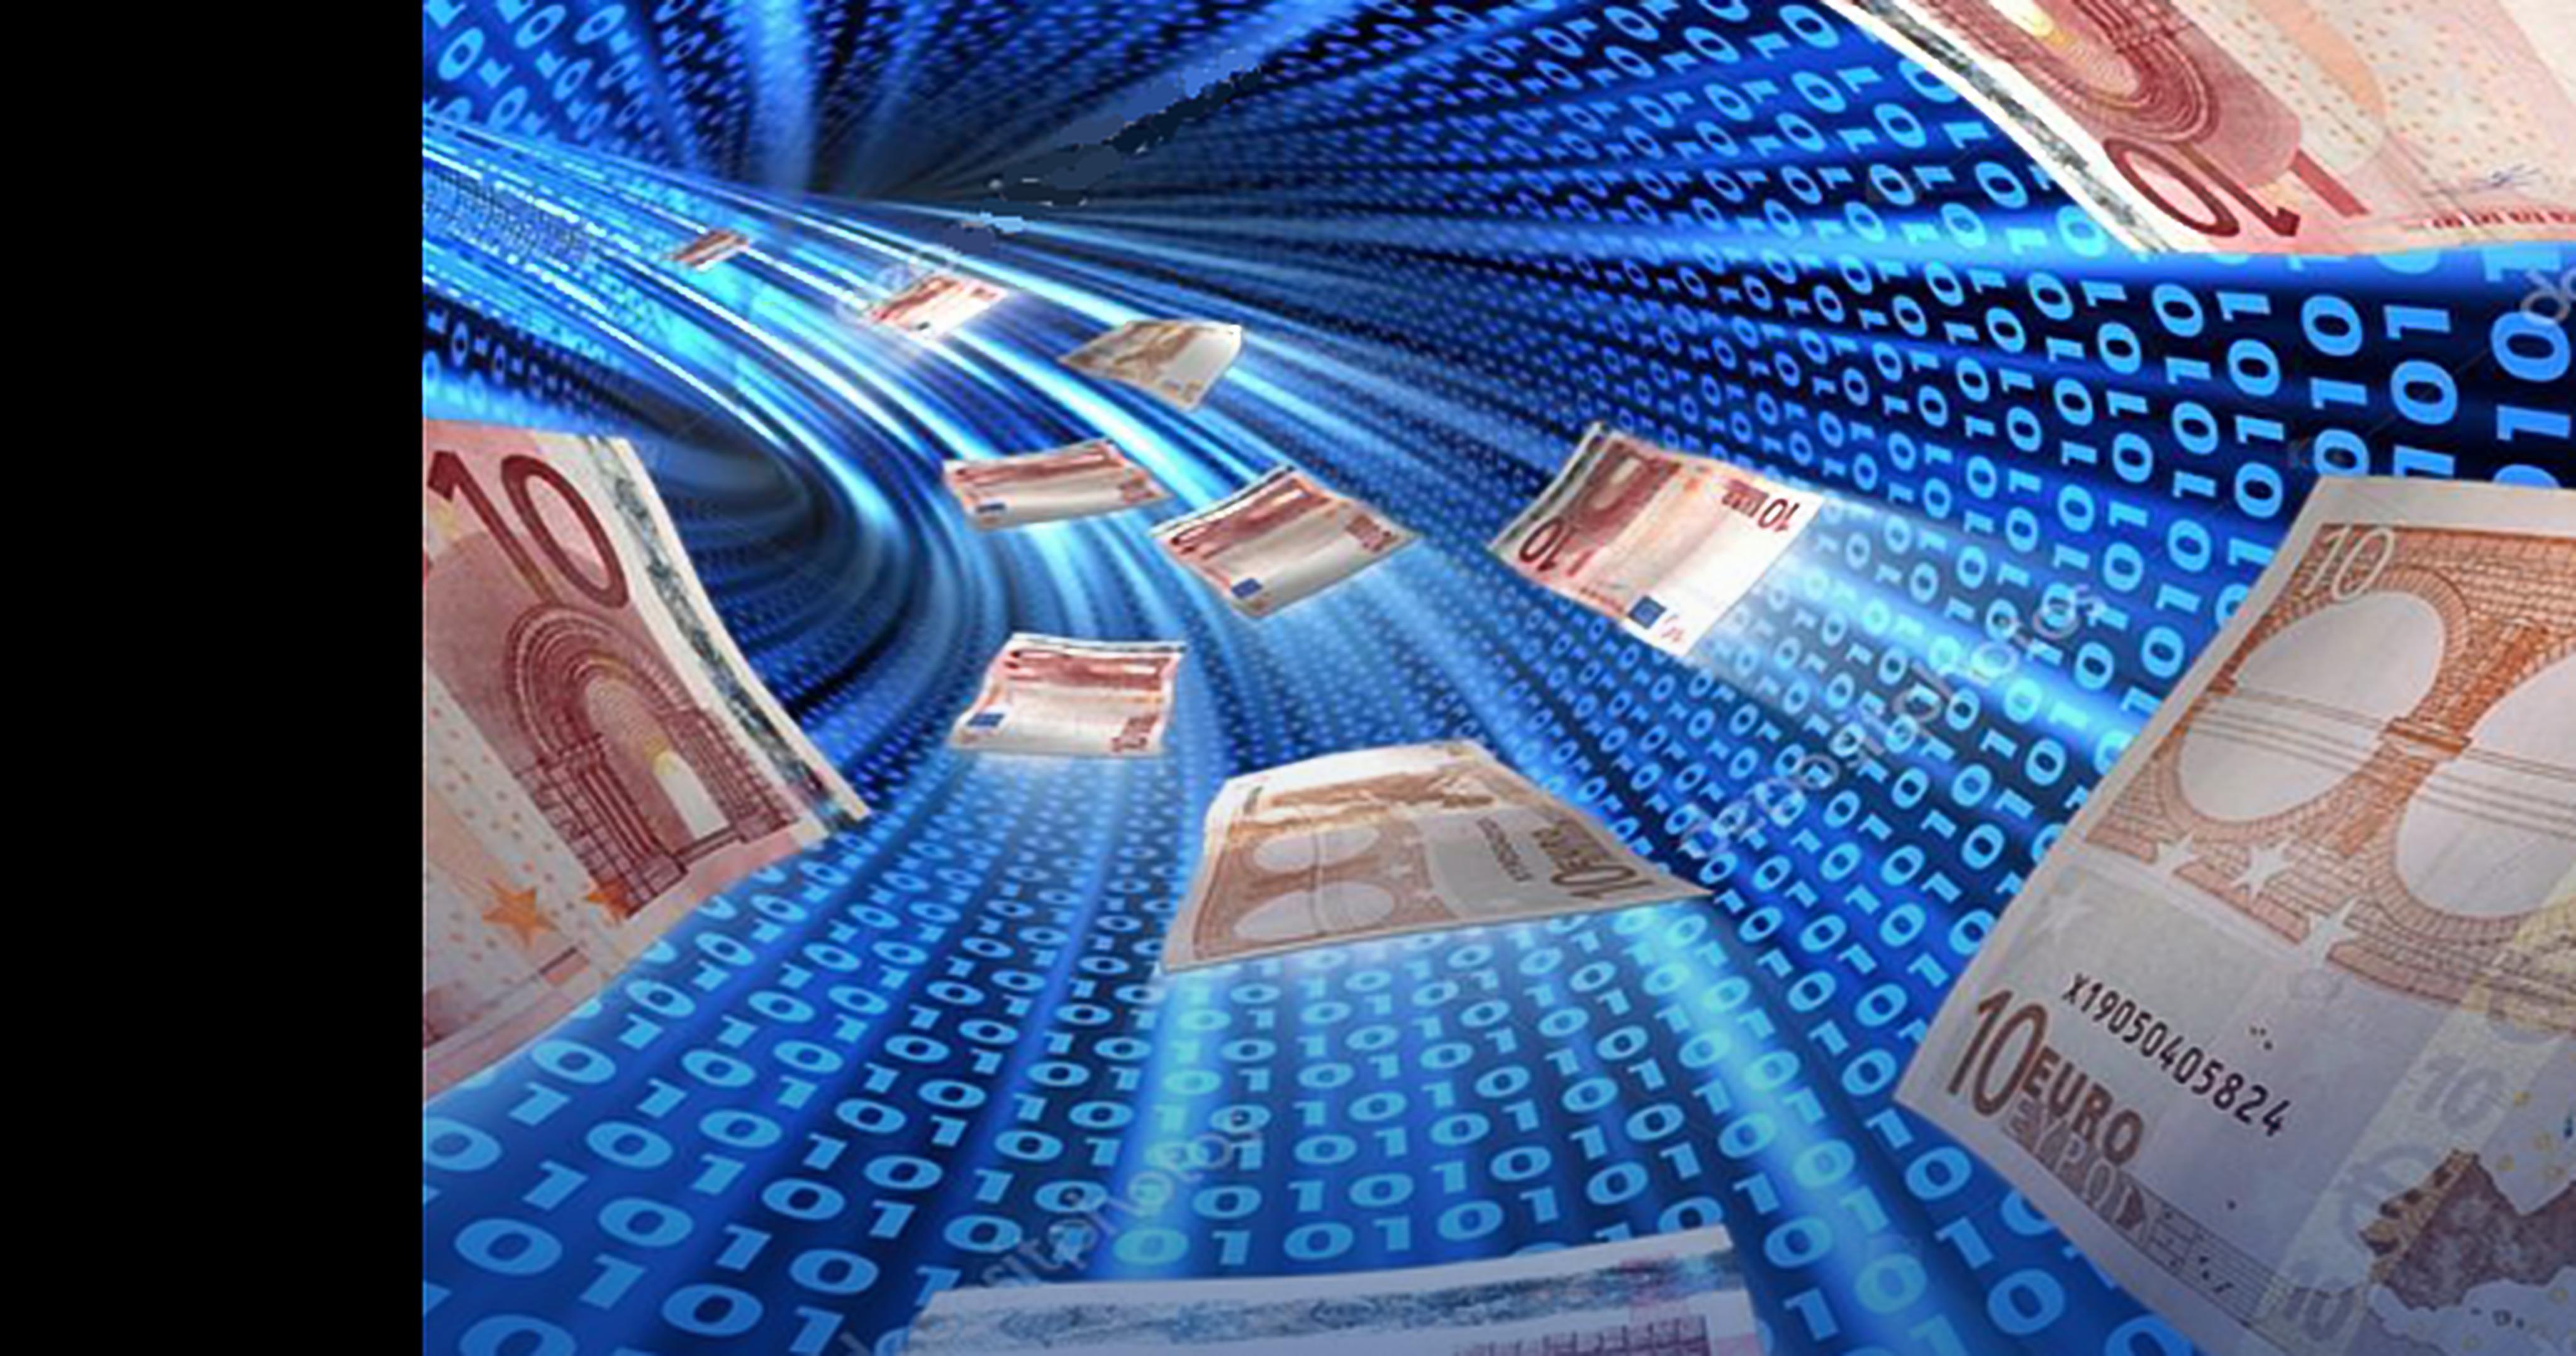 النقود الالكترونية , العملة الاكترونية , كيف تستخدم النقود الالكترونية , كيفية استخدام المنظمات للنقود الالكترونية